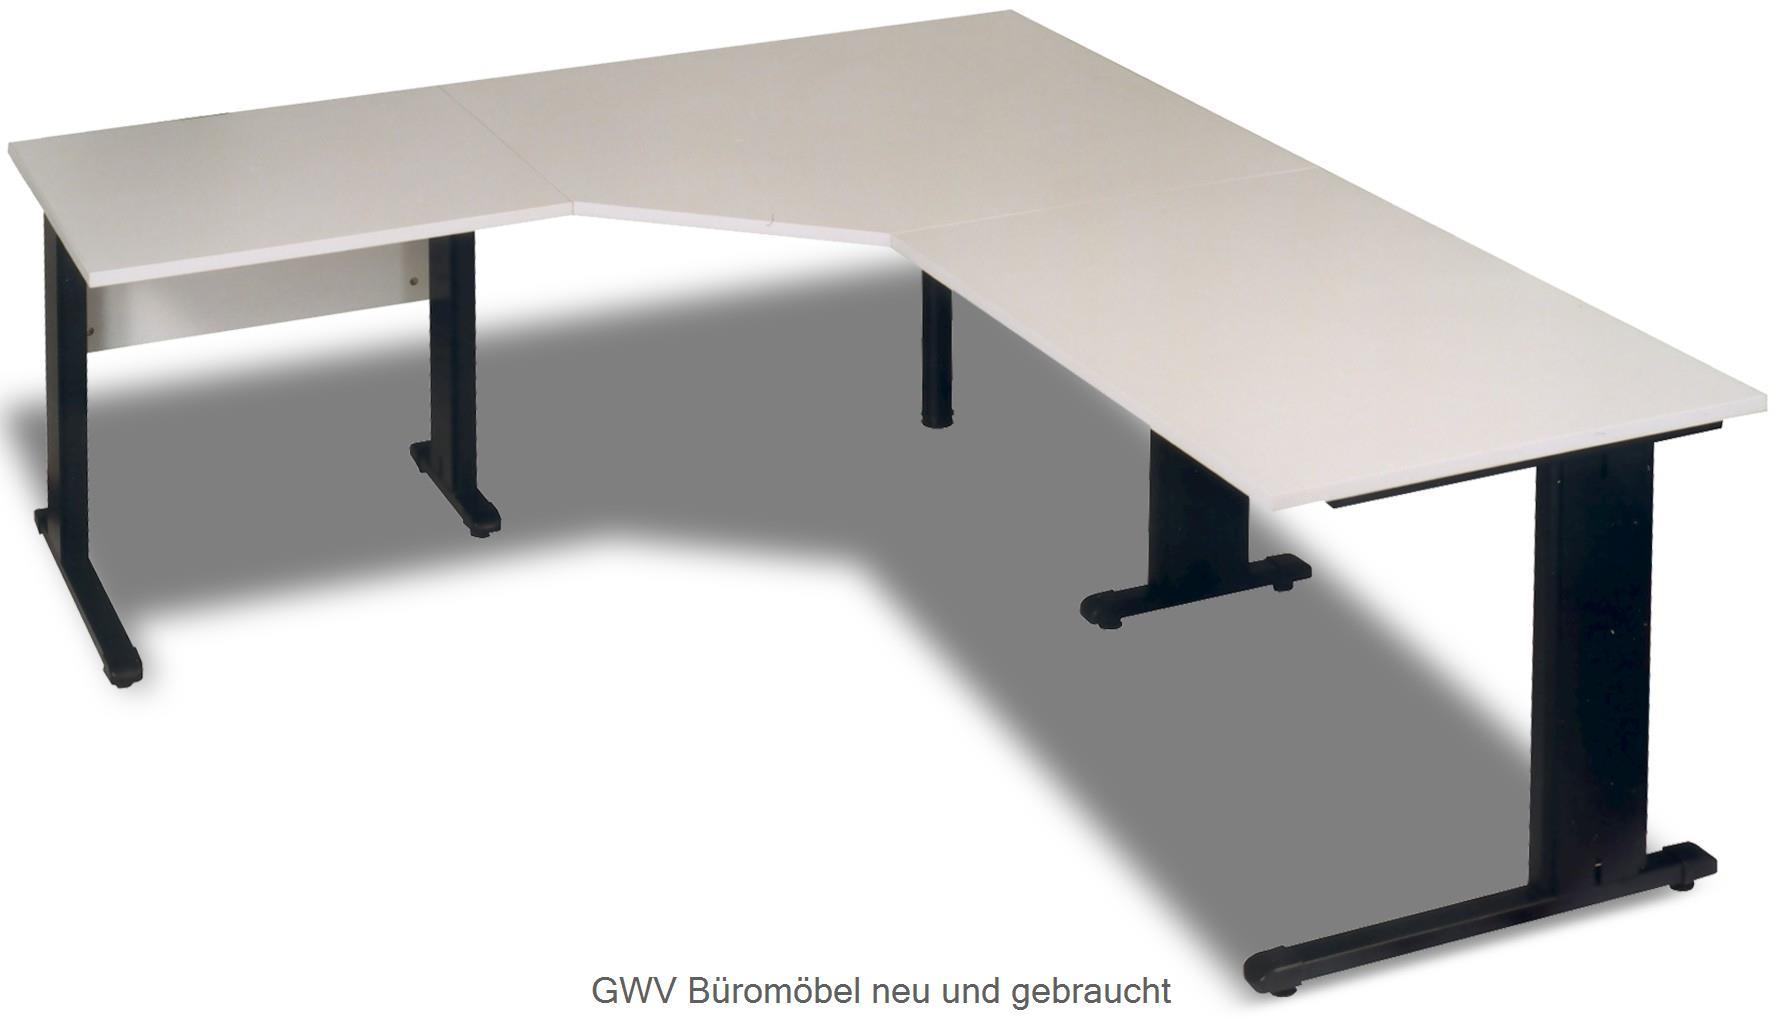 winkelschreibtisch neuware vom gwv hausprogramm lichtgrau gwv b rom bel gebraucht sofort. Black Bedroom Furniture Sets. Home Design Ideas